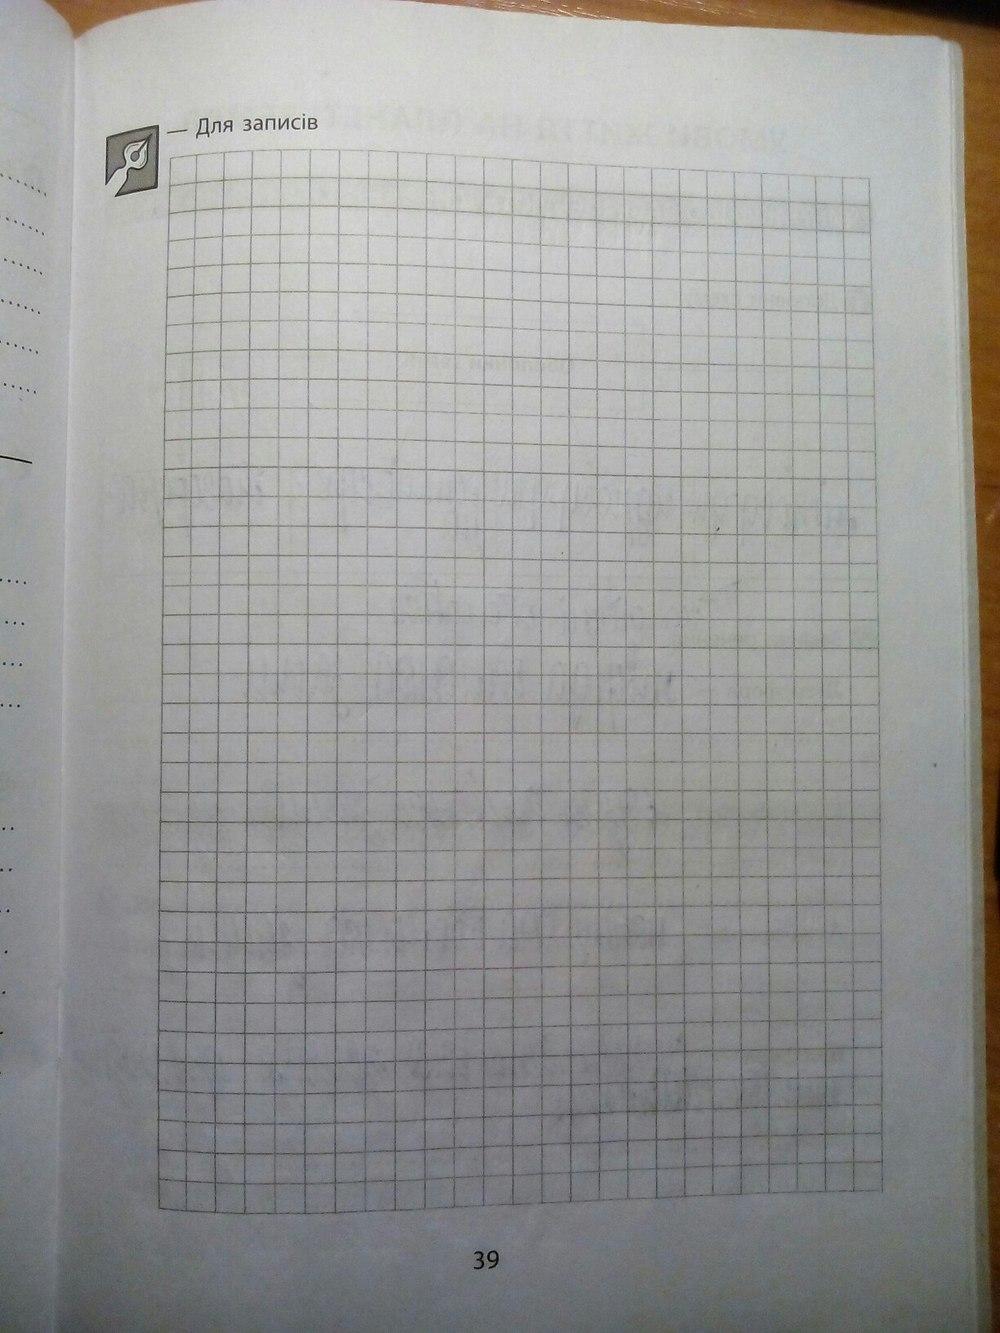 ГДЗ відповіді робочий зошит по биологии 5 класс. Задание: стр. 39